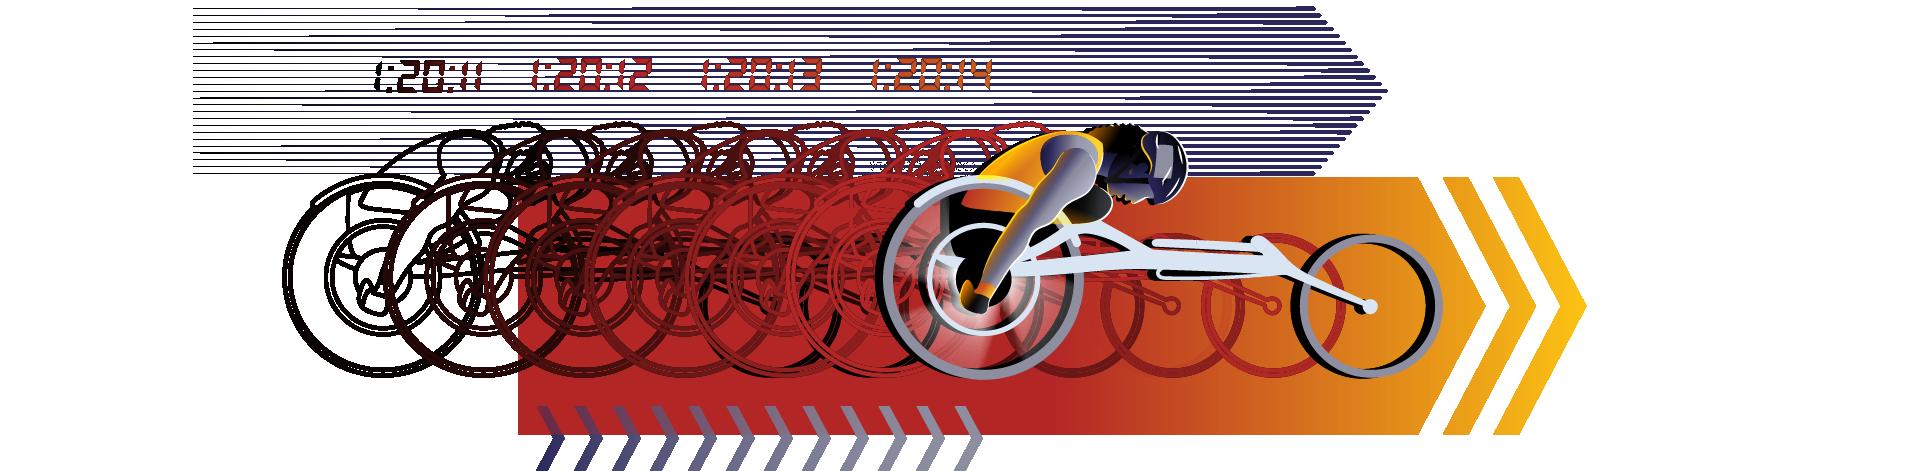 ET-illustration_upcoming-events-desktop-01